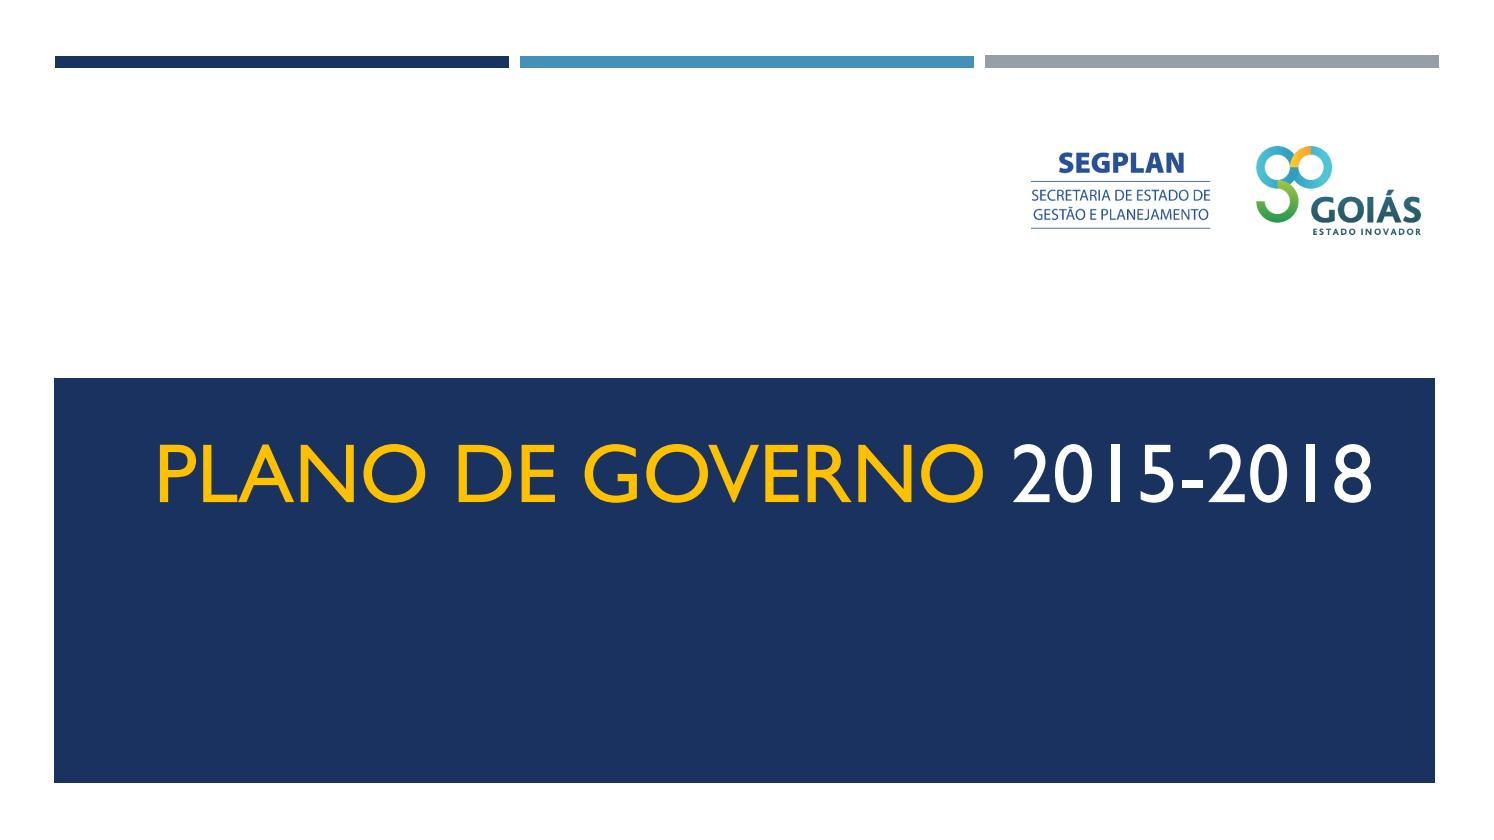 7b4cb2759a Relatorio governo marconi perillo plano de governo by altair tavares - issuu